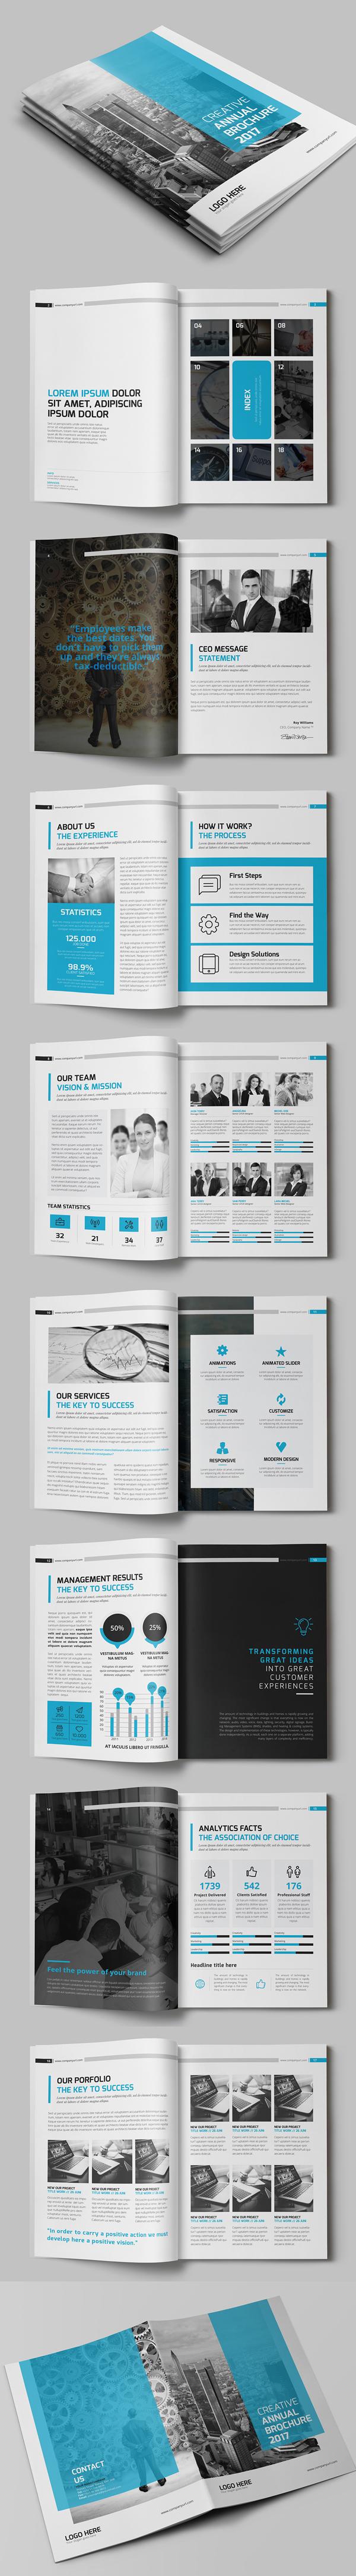 A4 Creative Annual Brochure